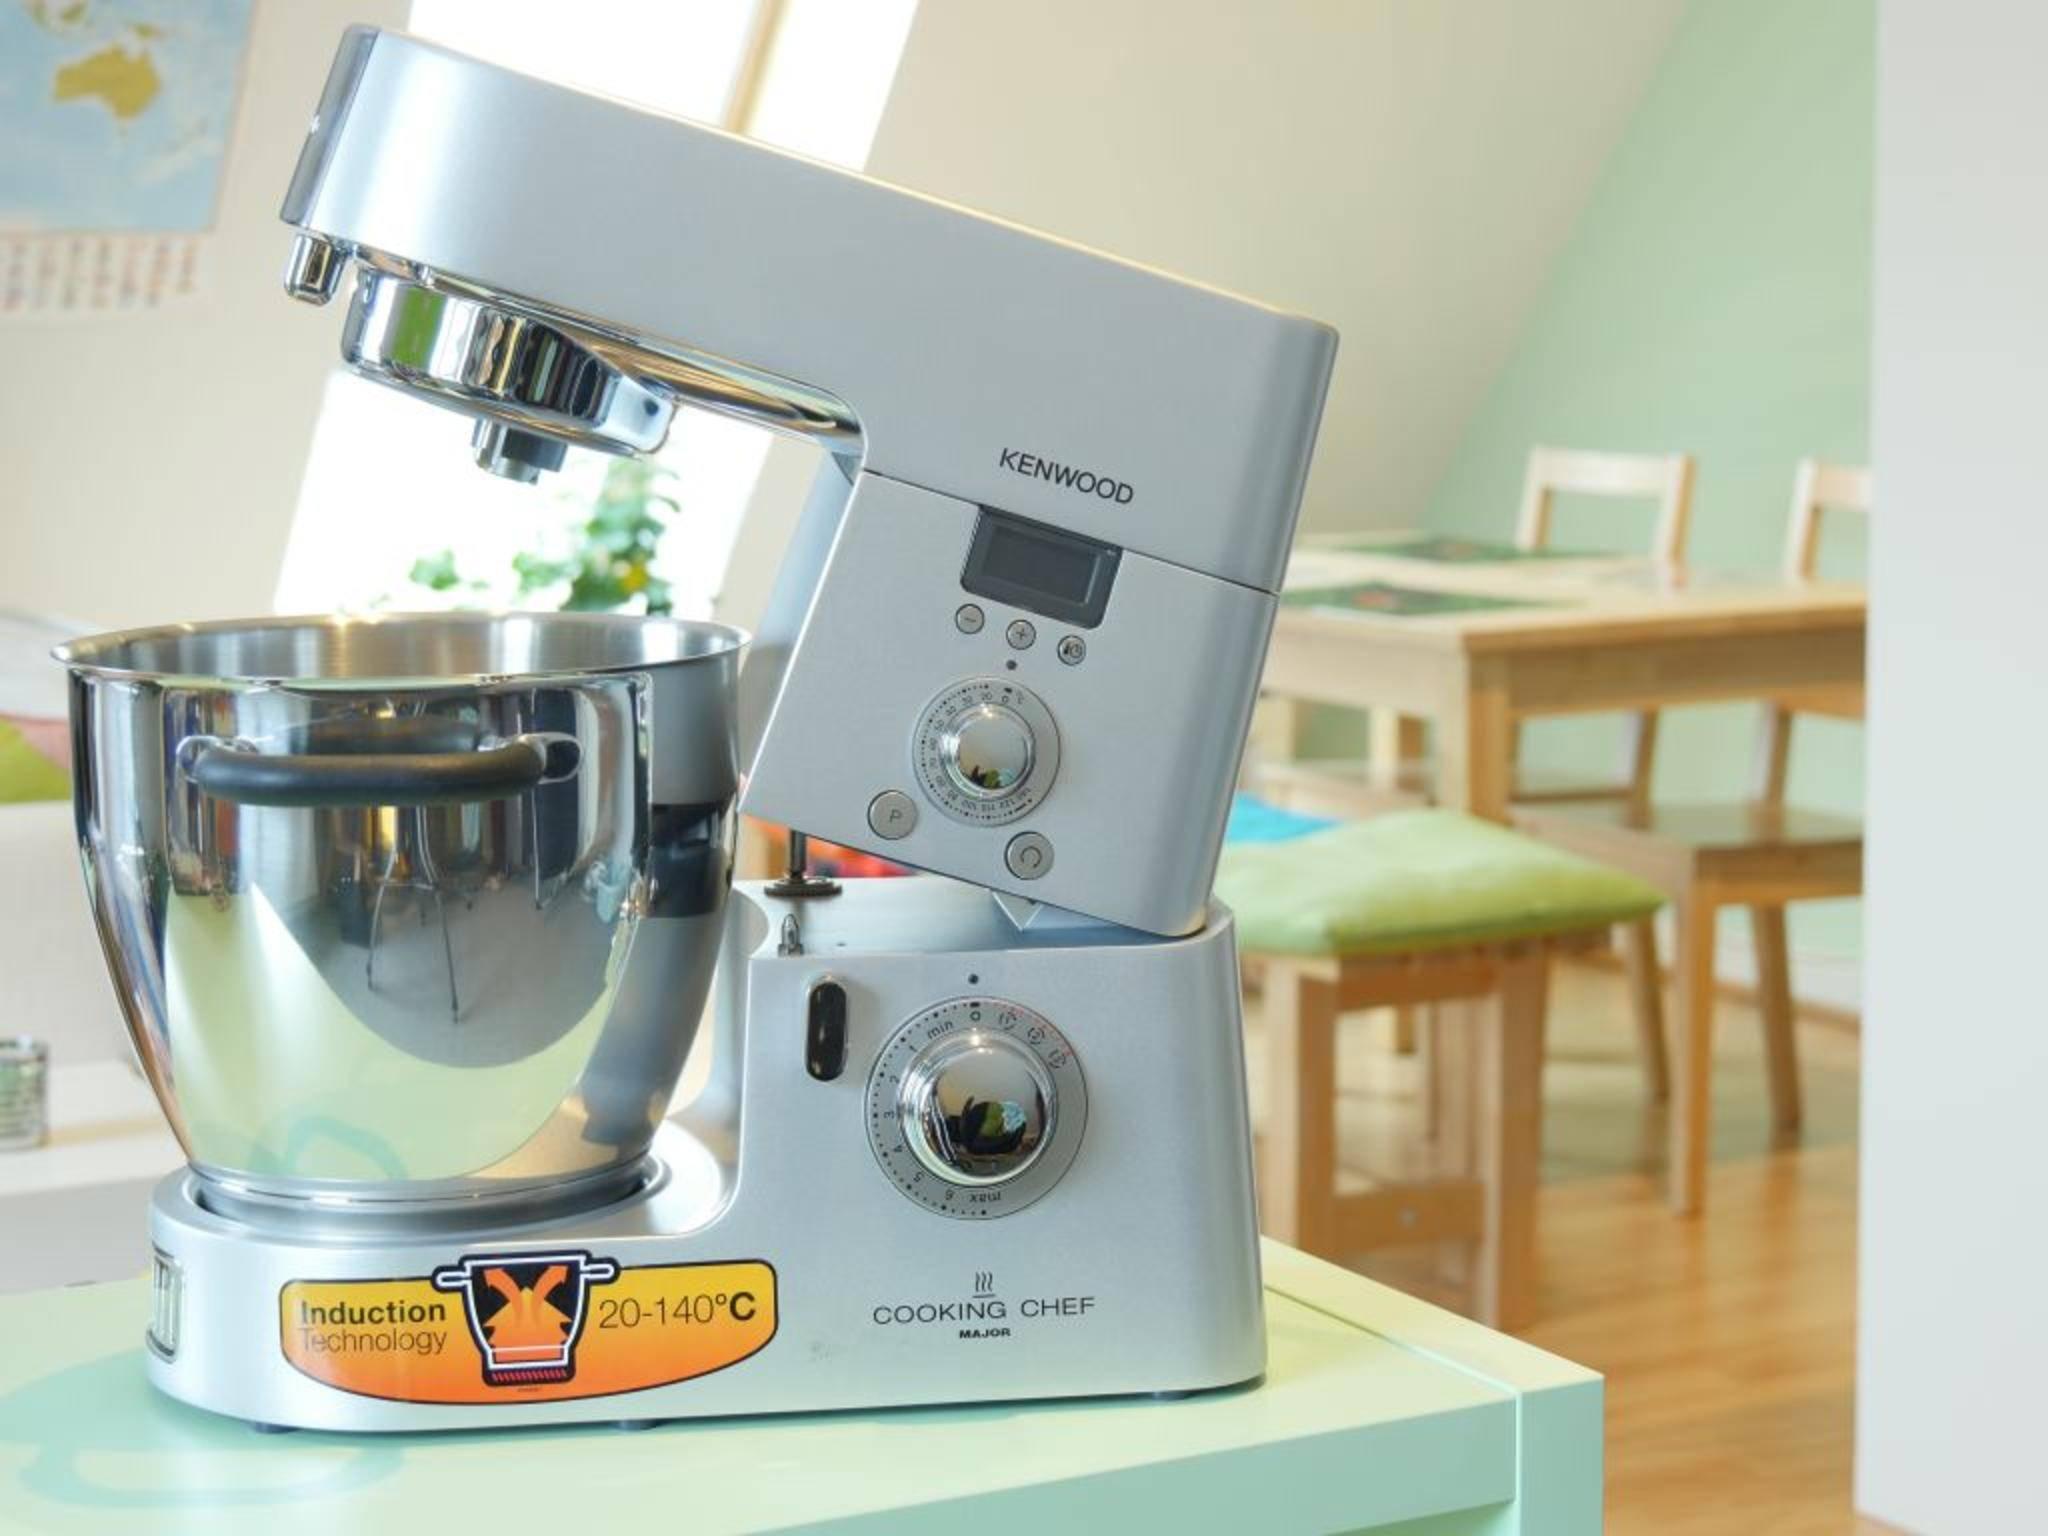 Die Kenwood Cooking Chef kann viel, ist aber auch teuer.